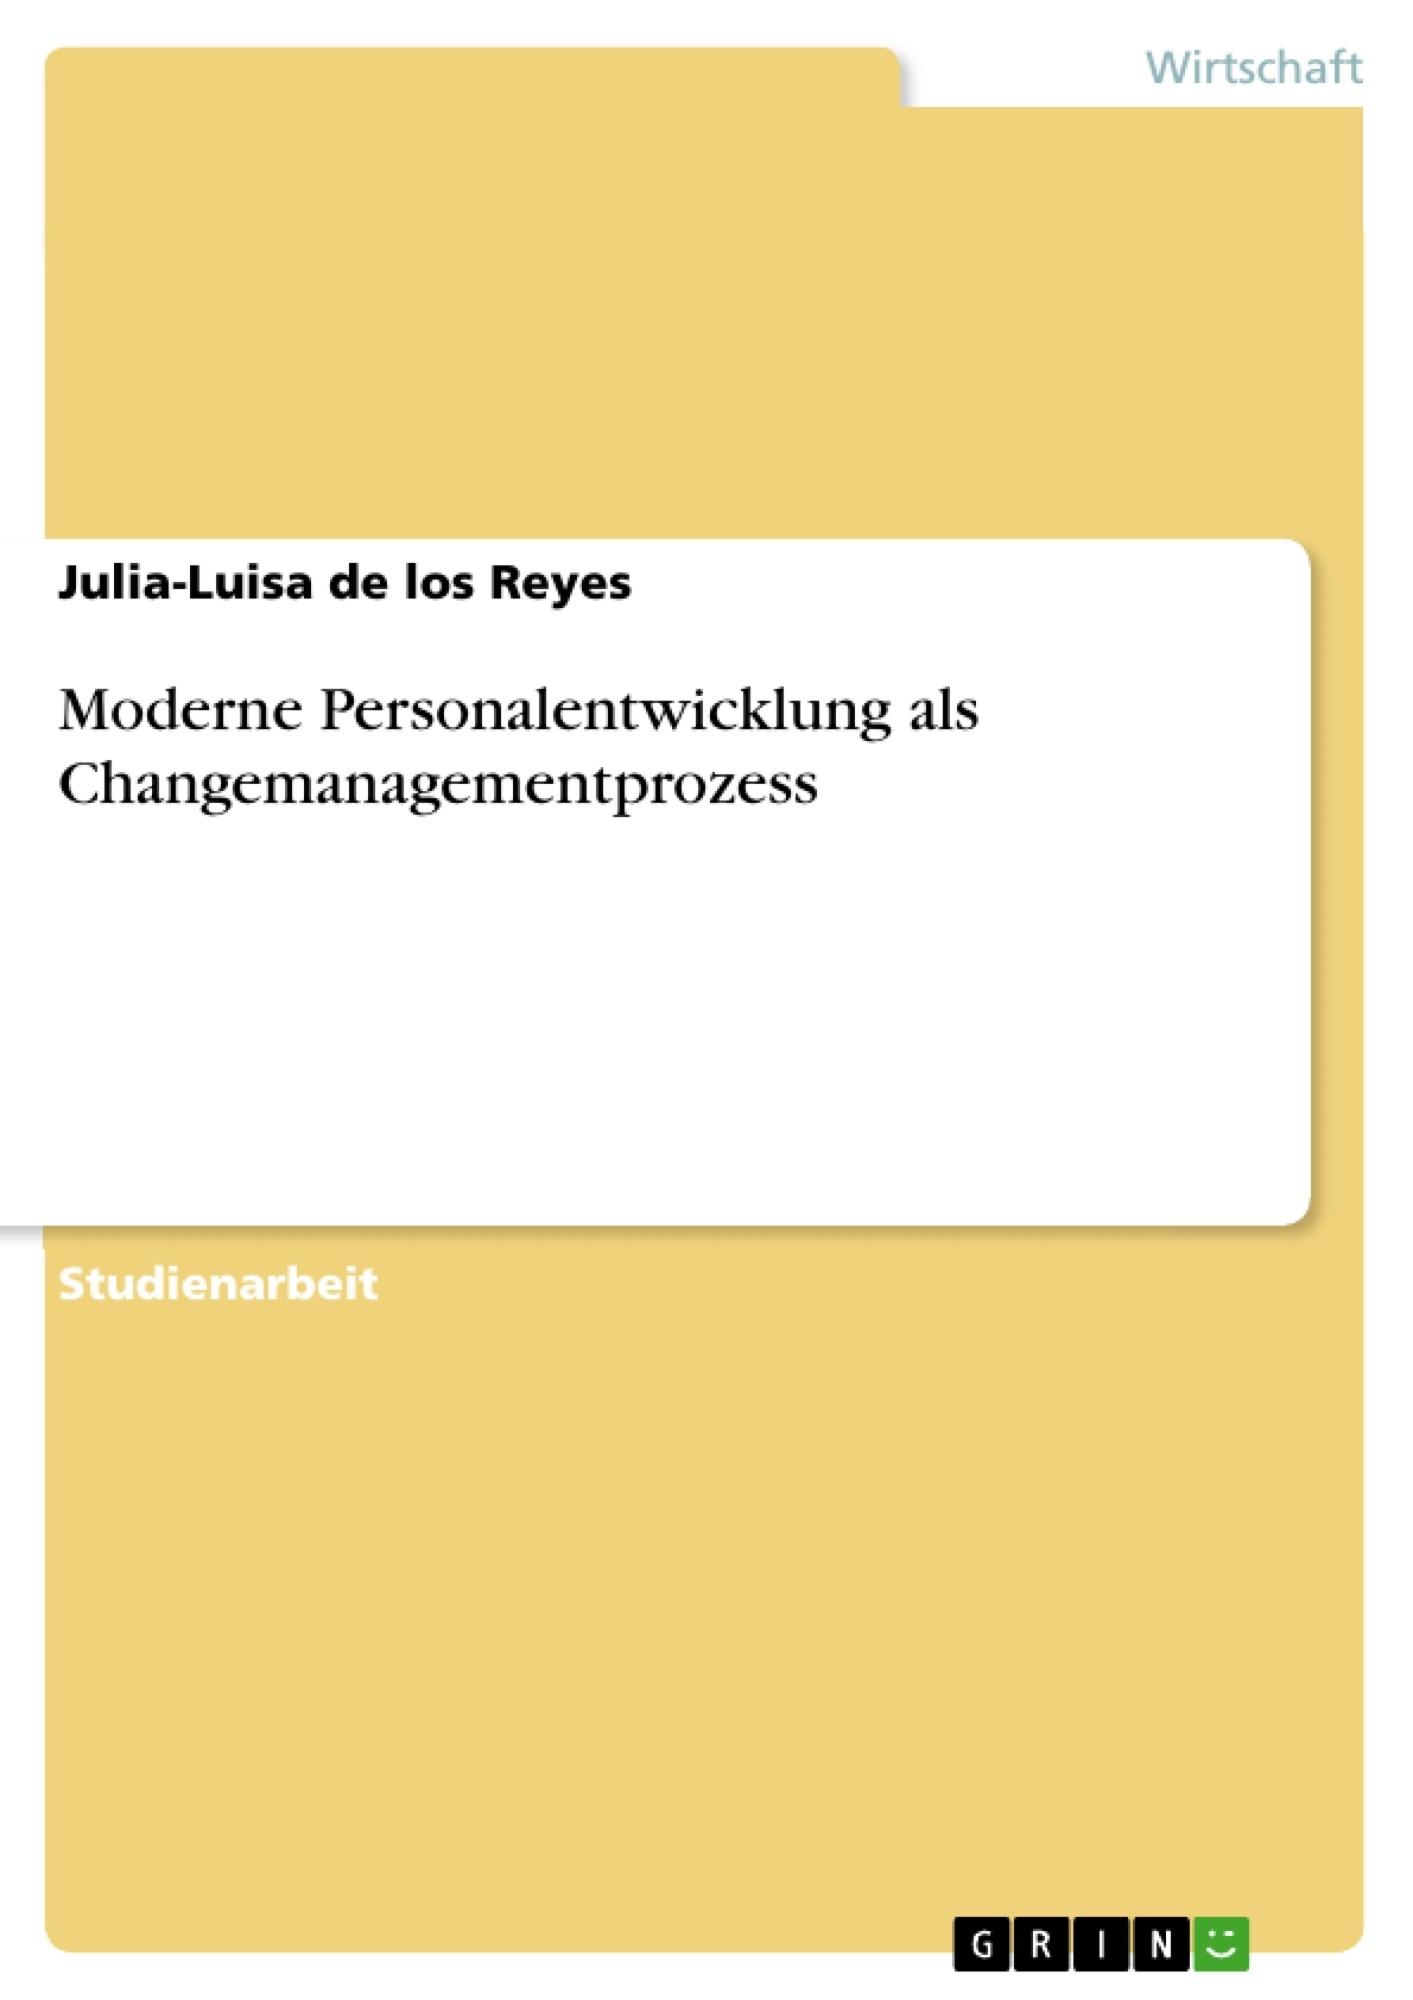 Titel: Moderne Personalentwicklung als Changemanagementprozess